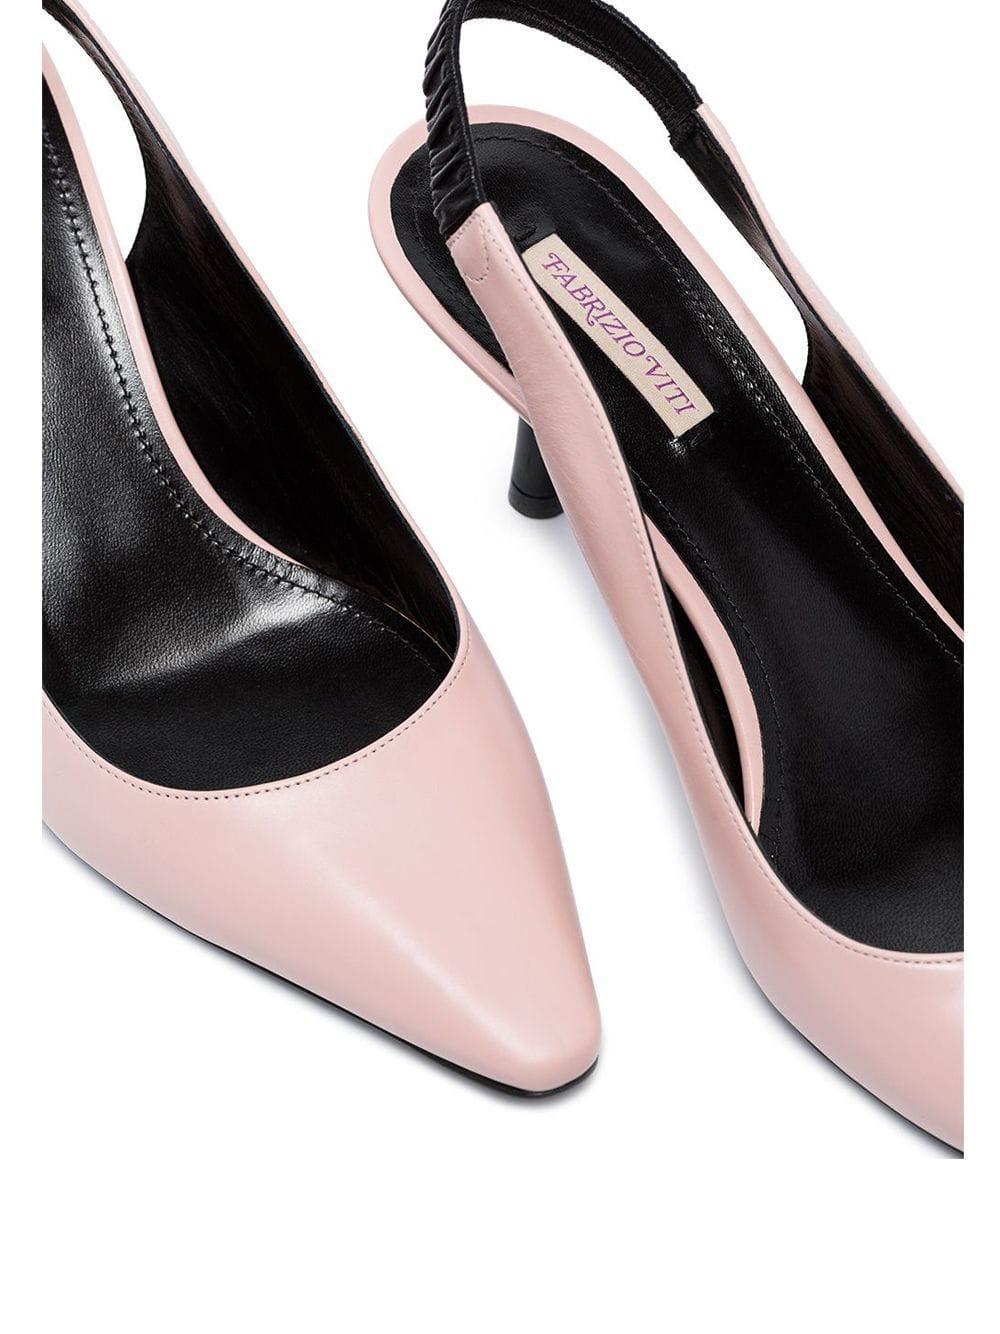 Zapatos de tacón Harper 65 con tira trasera Fabrizio Viti de Cuero de color Rosa